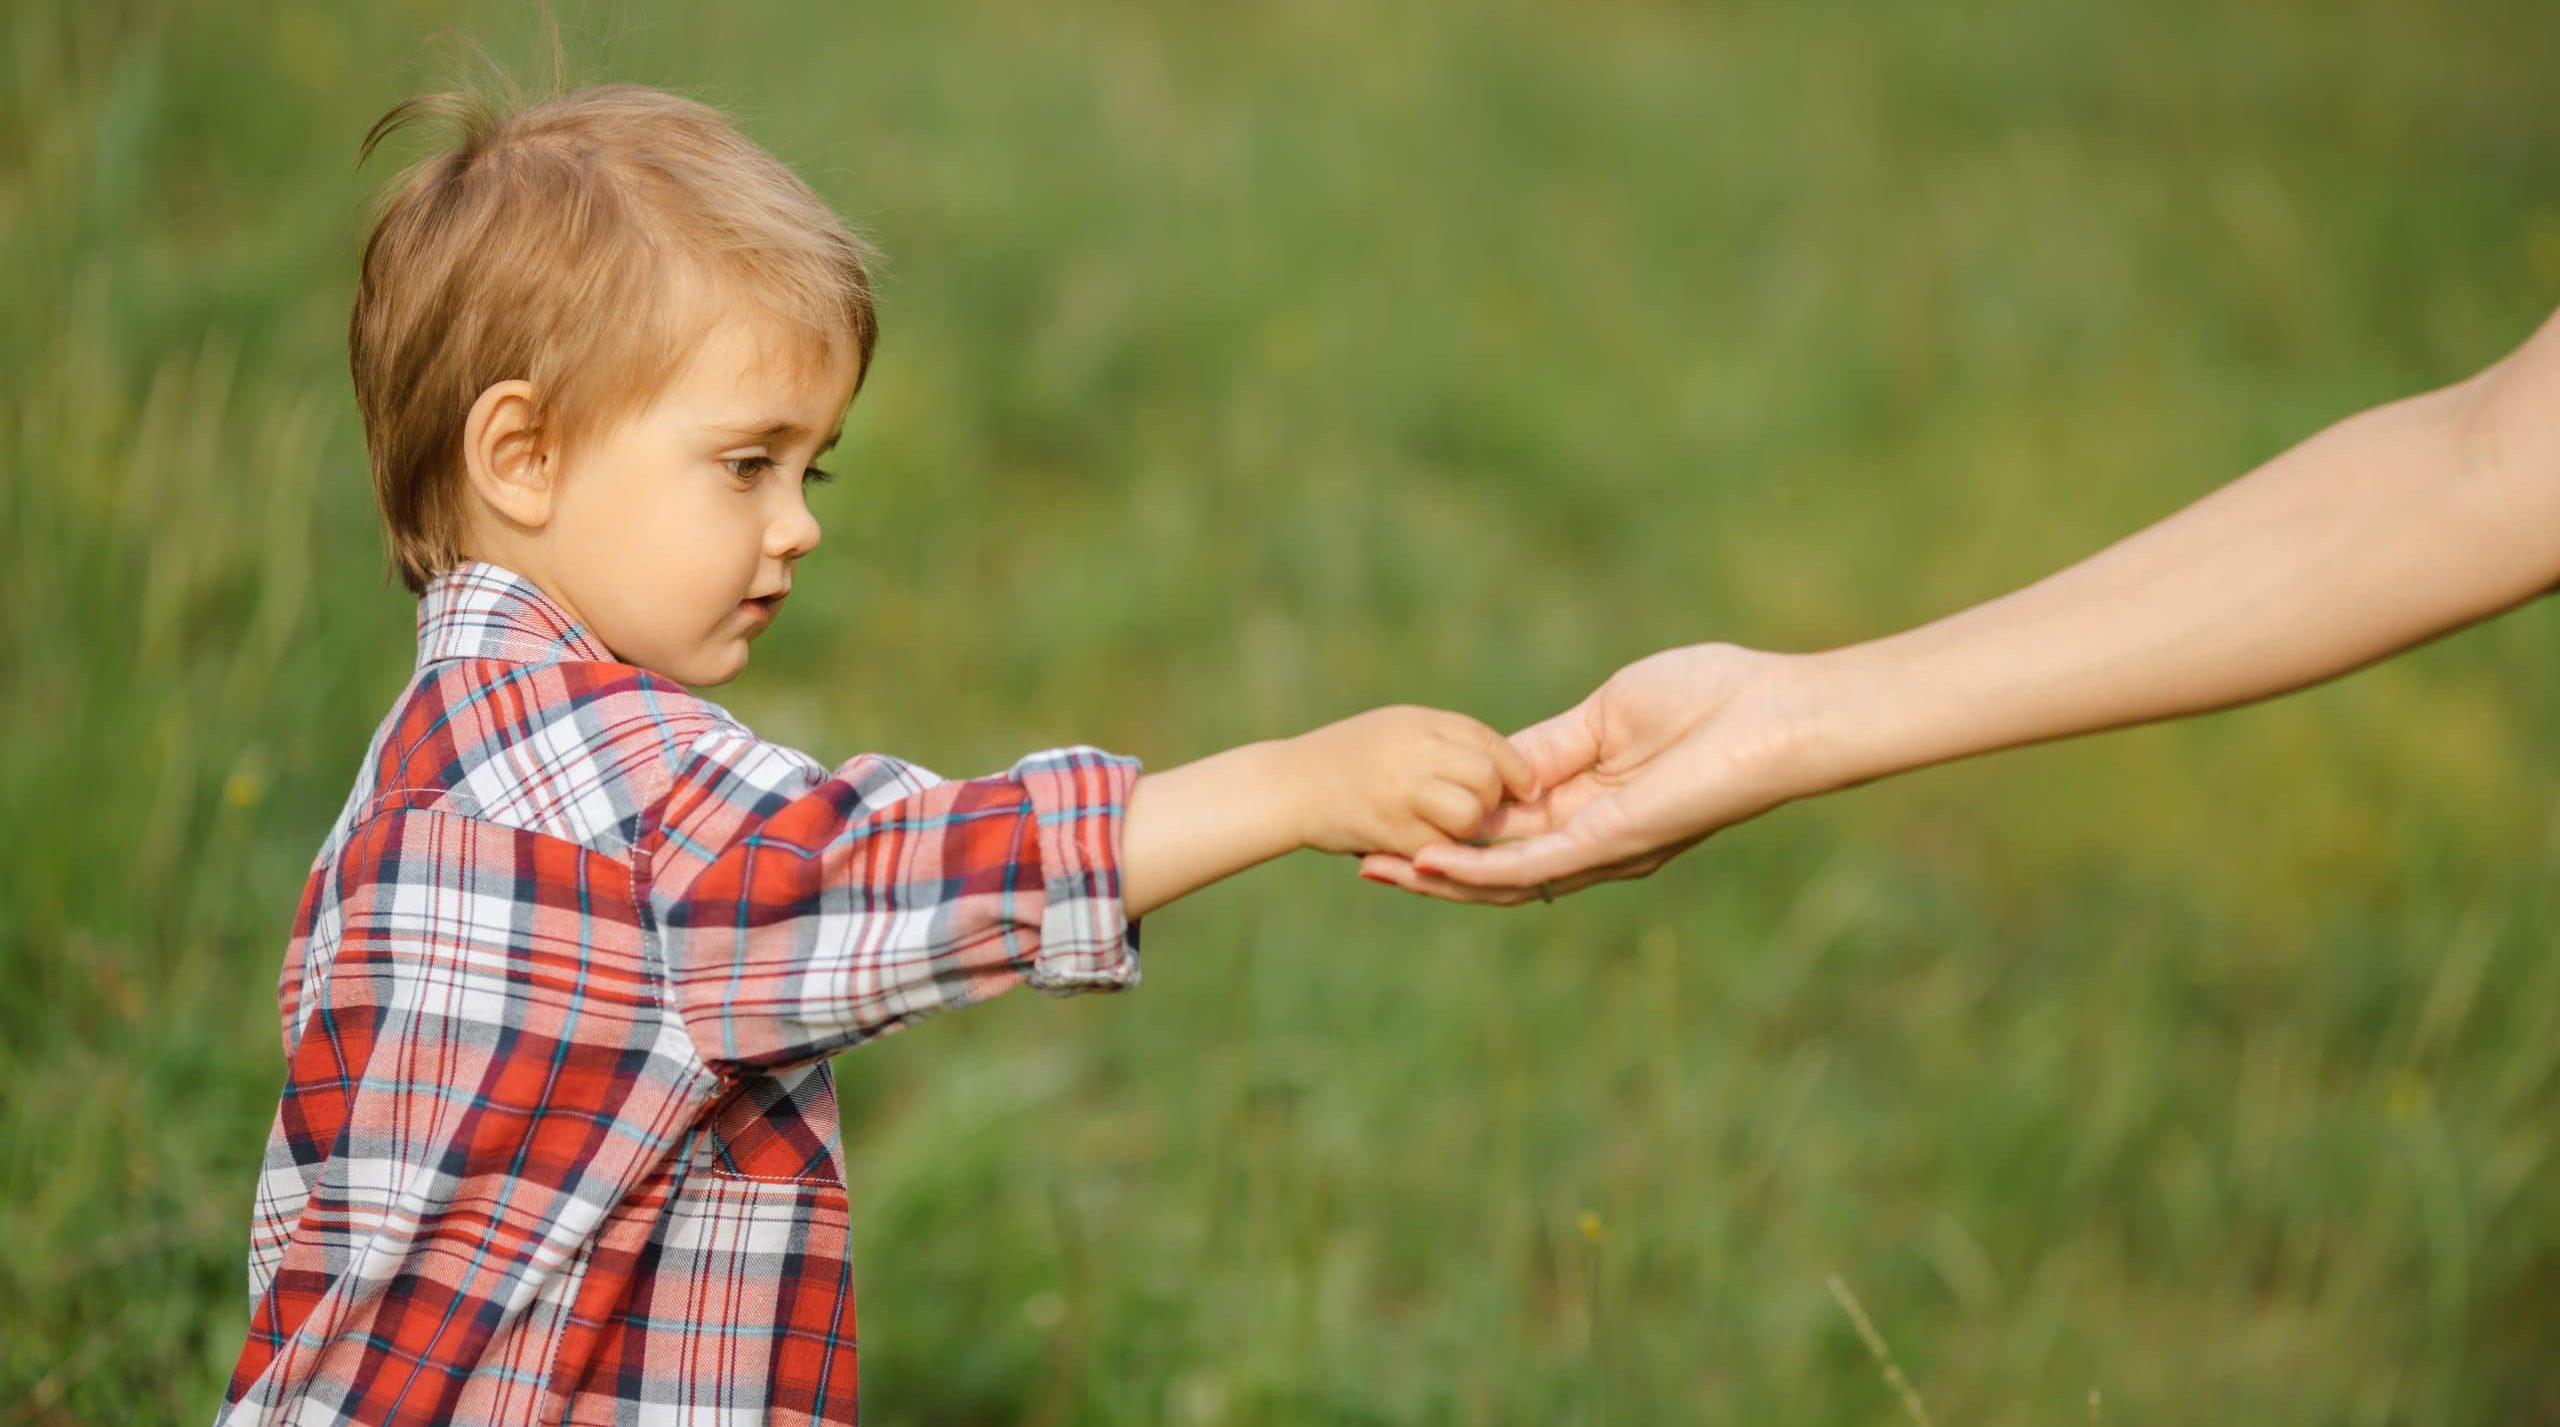 הדסה גהלי: משמעות הסמכות ההורית בעידן של ירידת הדורות